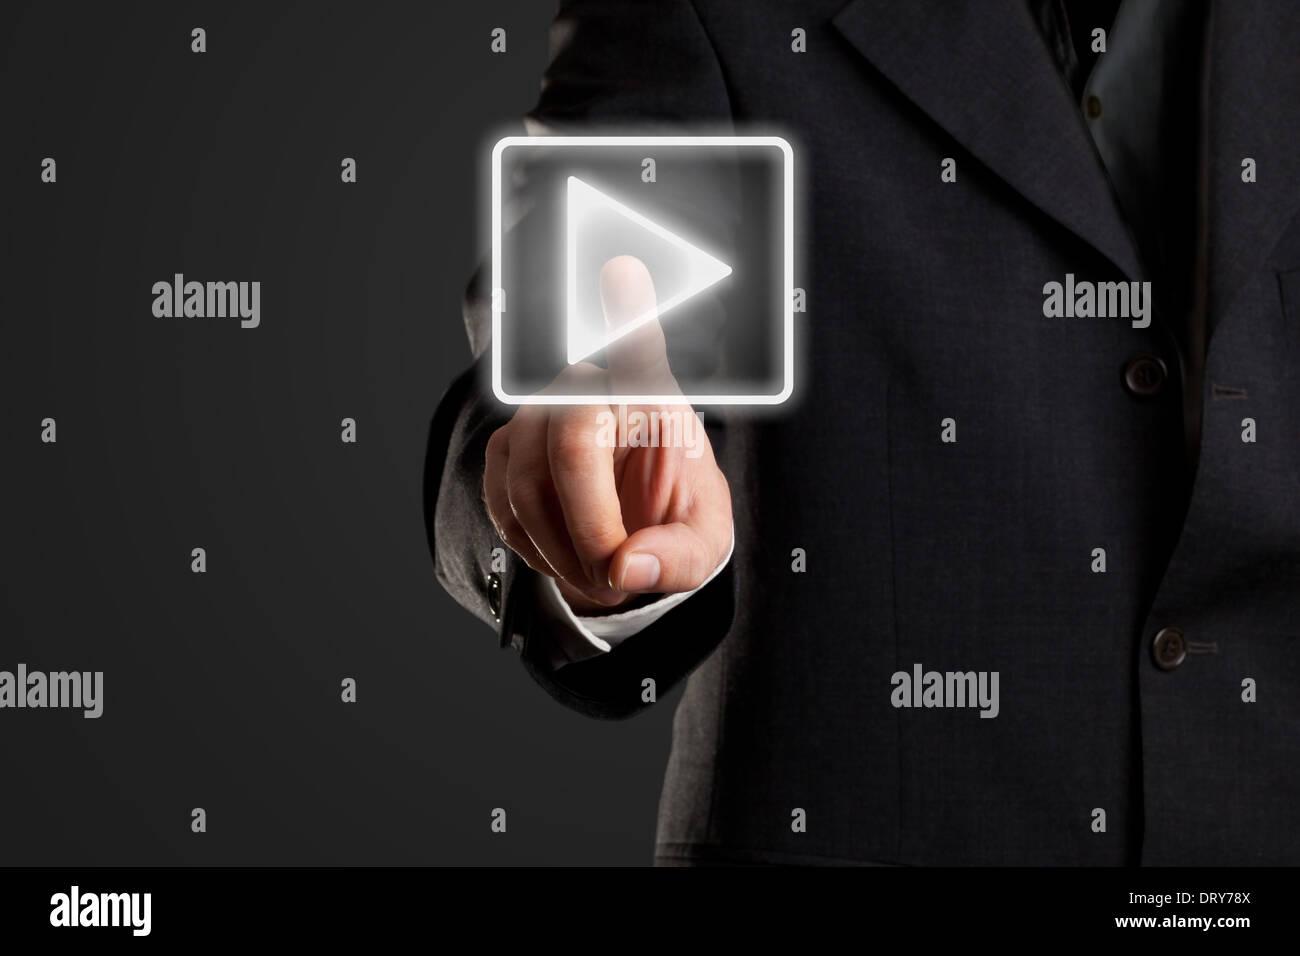 Imprenditore premendo Start/ pulsante Riproduci a schermo virtuale Immagini Stock